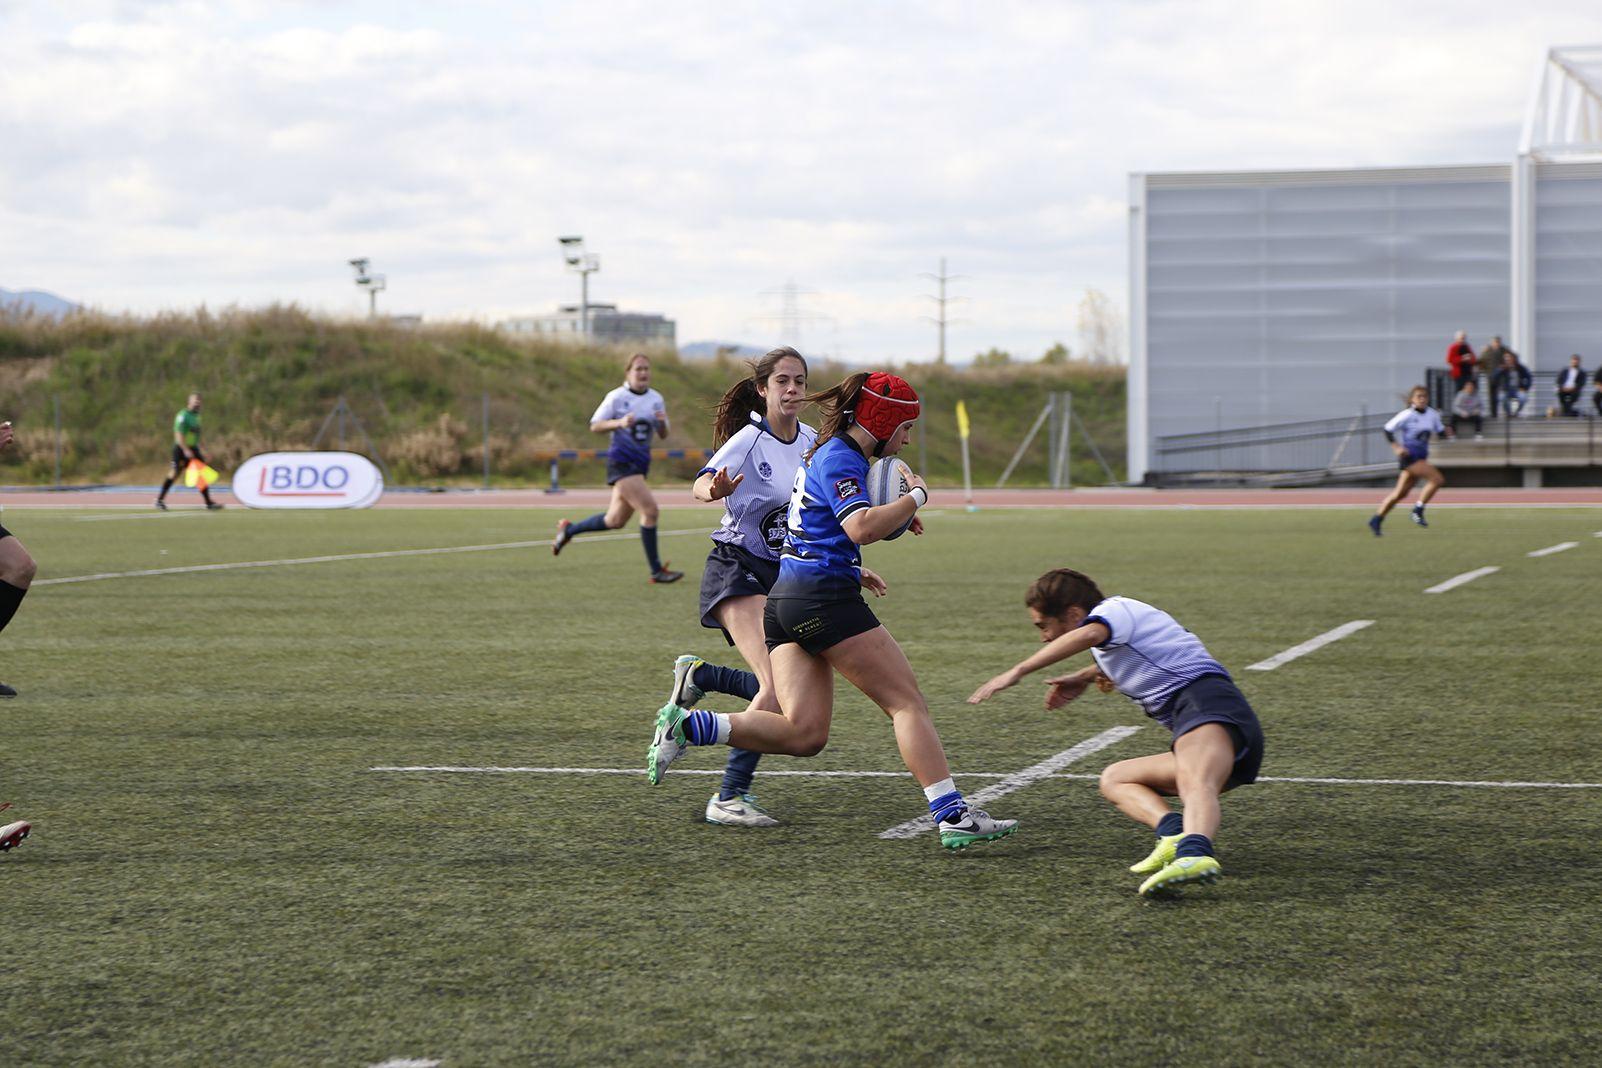 Semifinals divisió d'Honor Catalana rugbi femení CR Sant Cugat- Gòtic RC. FOTO: Anna Bassa